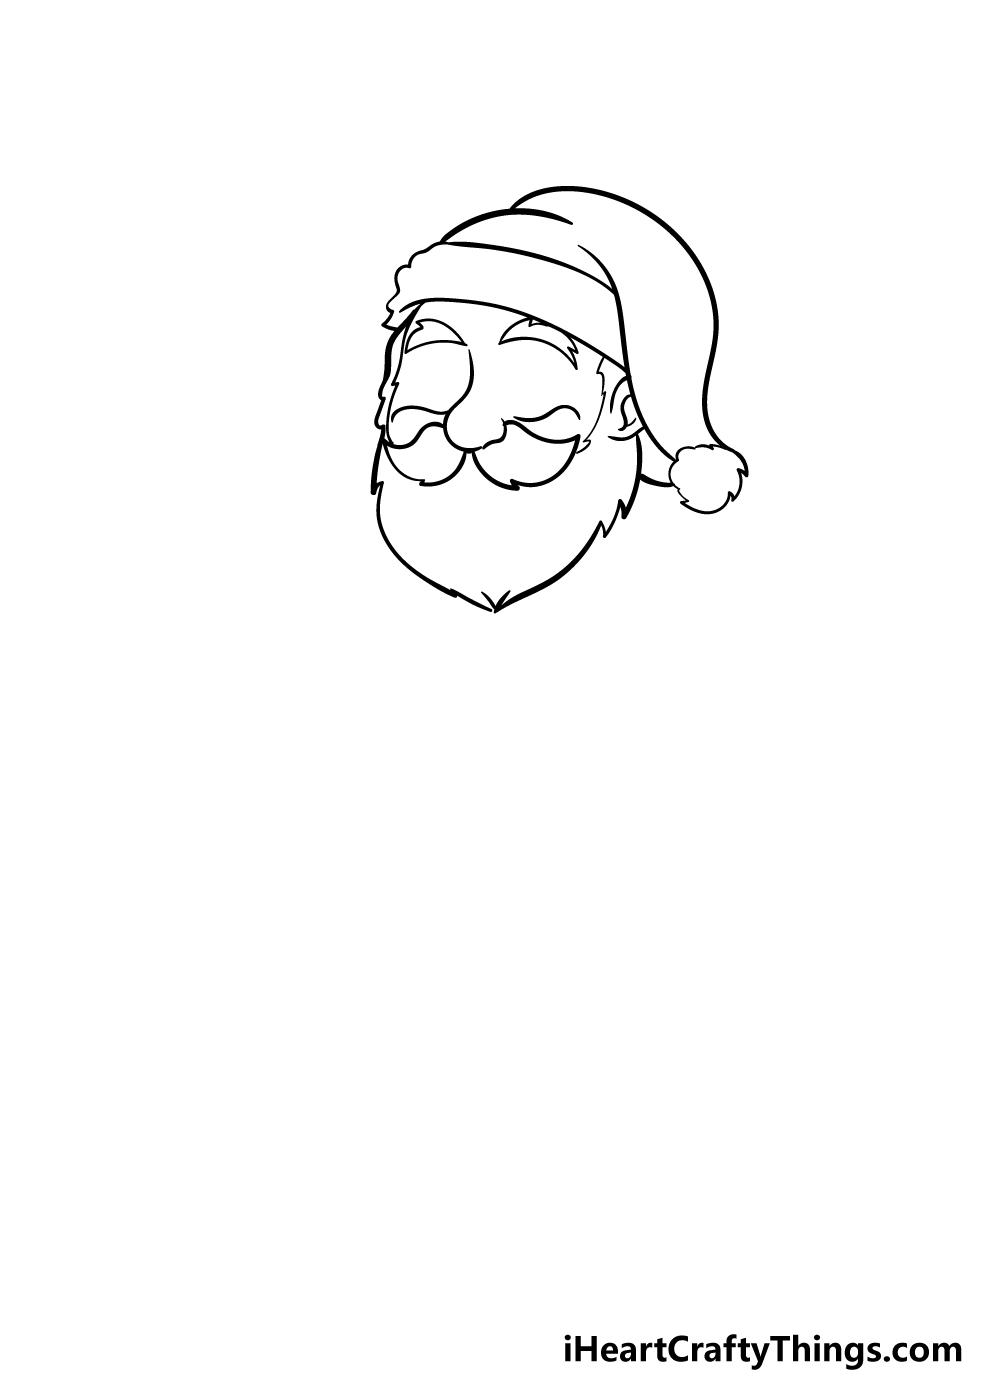 santa drawing step 3